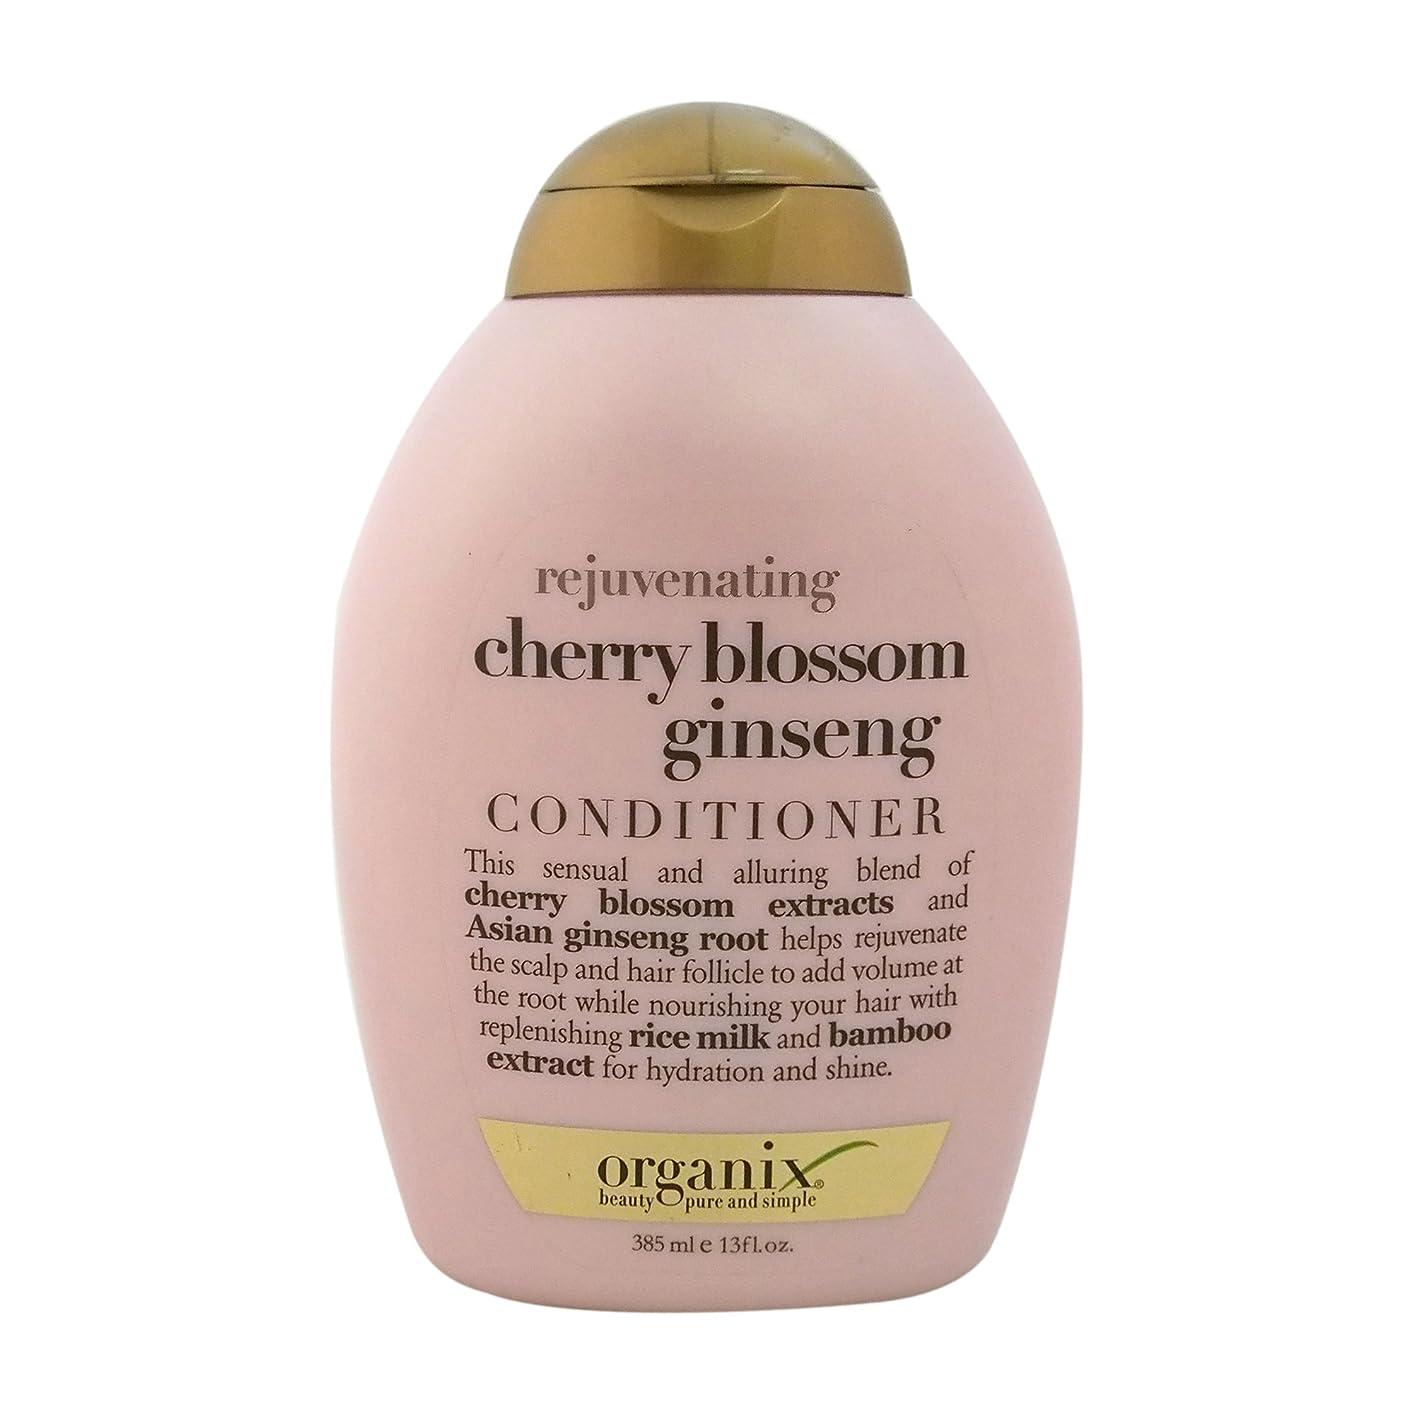 ワーム老人百万Organix rejuvenating hair conditioner cherry blossom ginseng - 13 oz (並行輸入品)